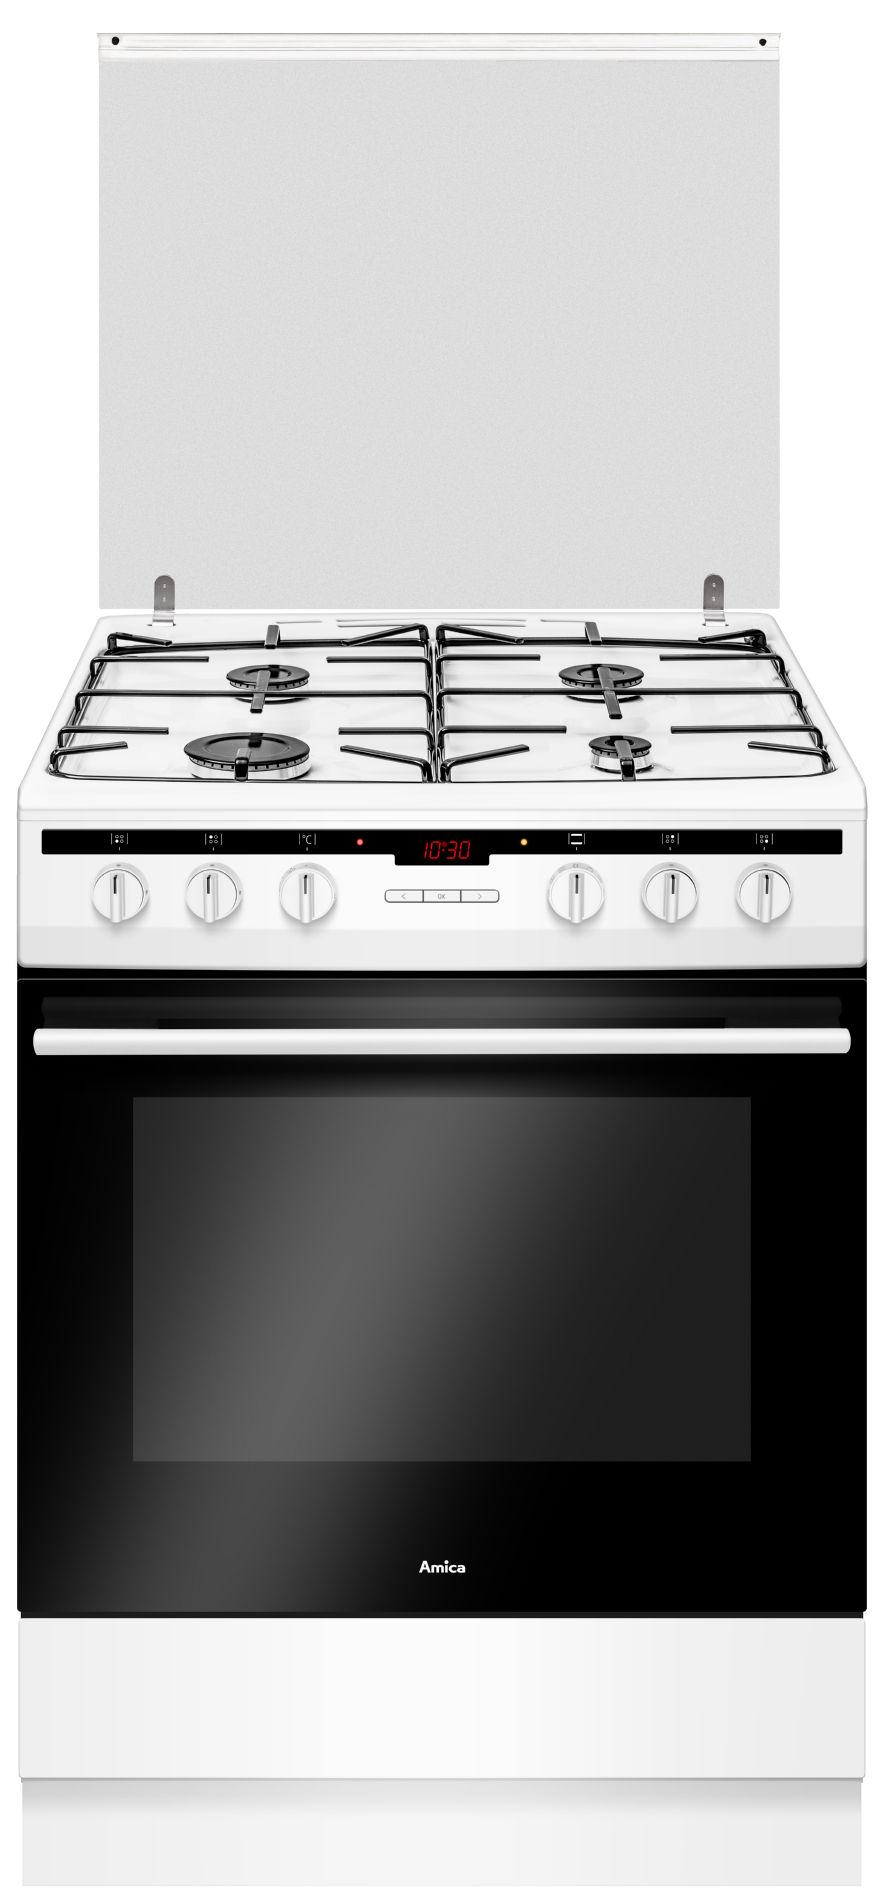 Kuchnia wolnostojąco gazowo elektryczna 600 617GE3 33HZpTaNQ(W)  Amica -> Jaka Kuchnia Gazowo Elektryczna Do Zabudowy